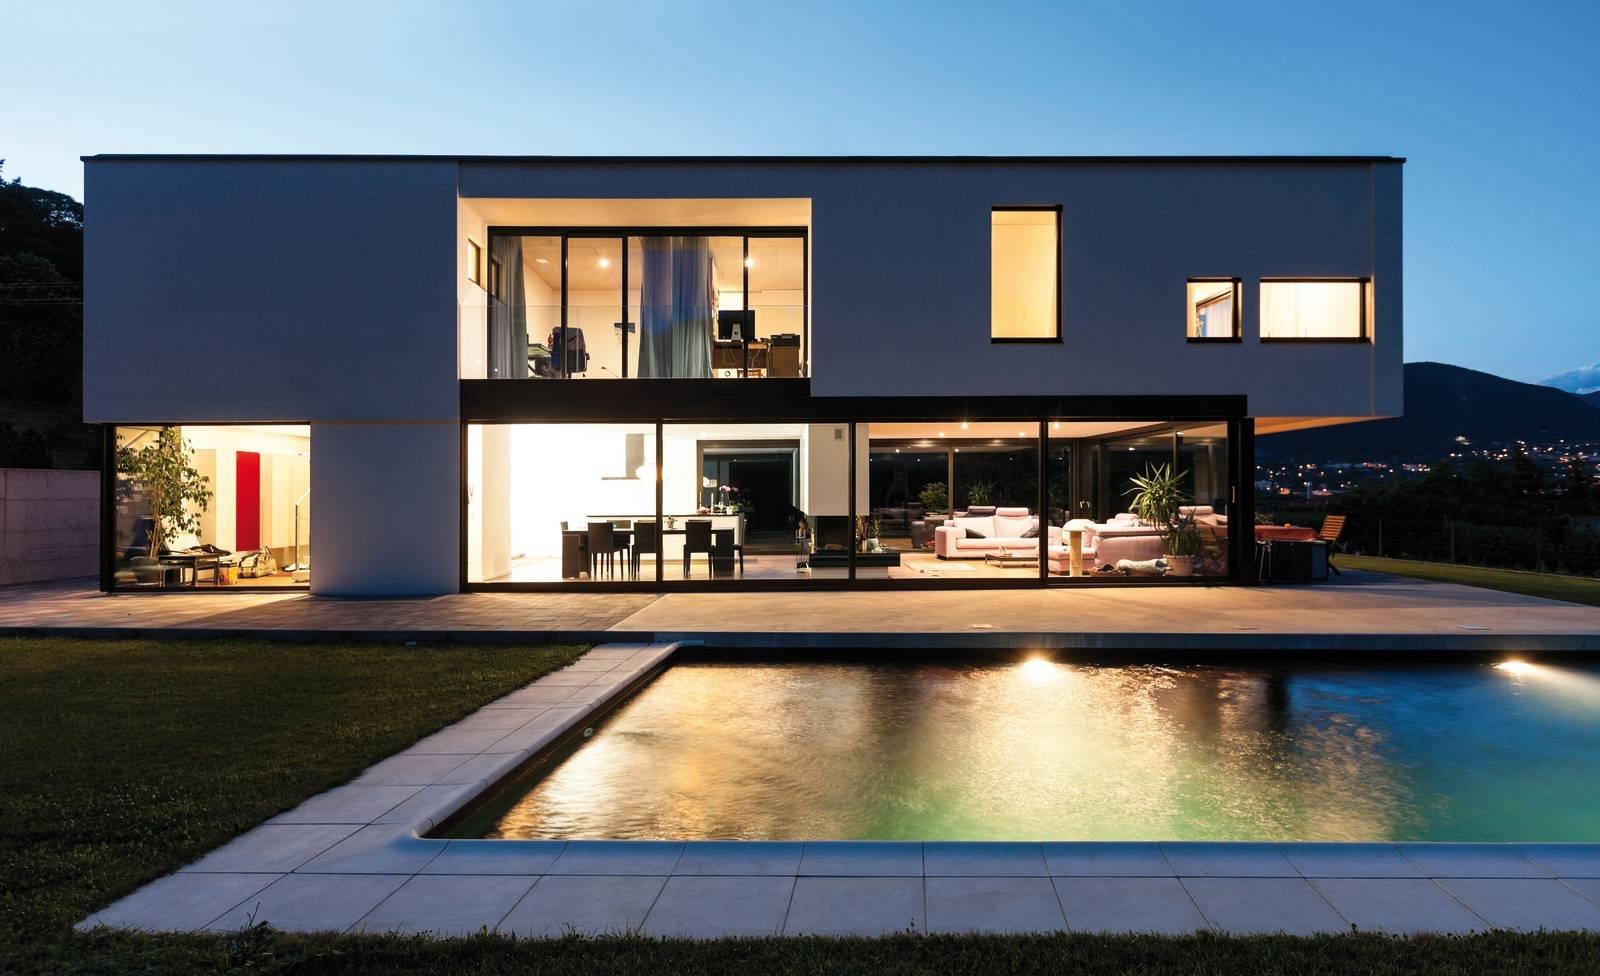 La thermofibra deceuninck per finestre leggere - La casa con le finestre che ridono ...